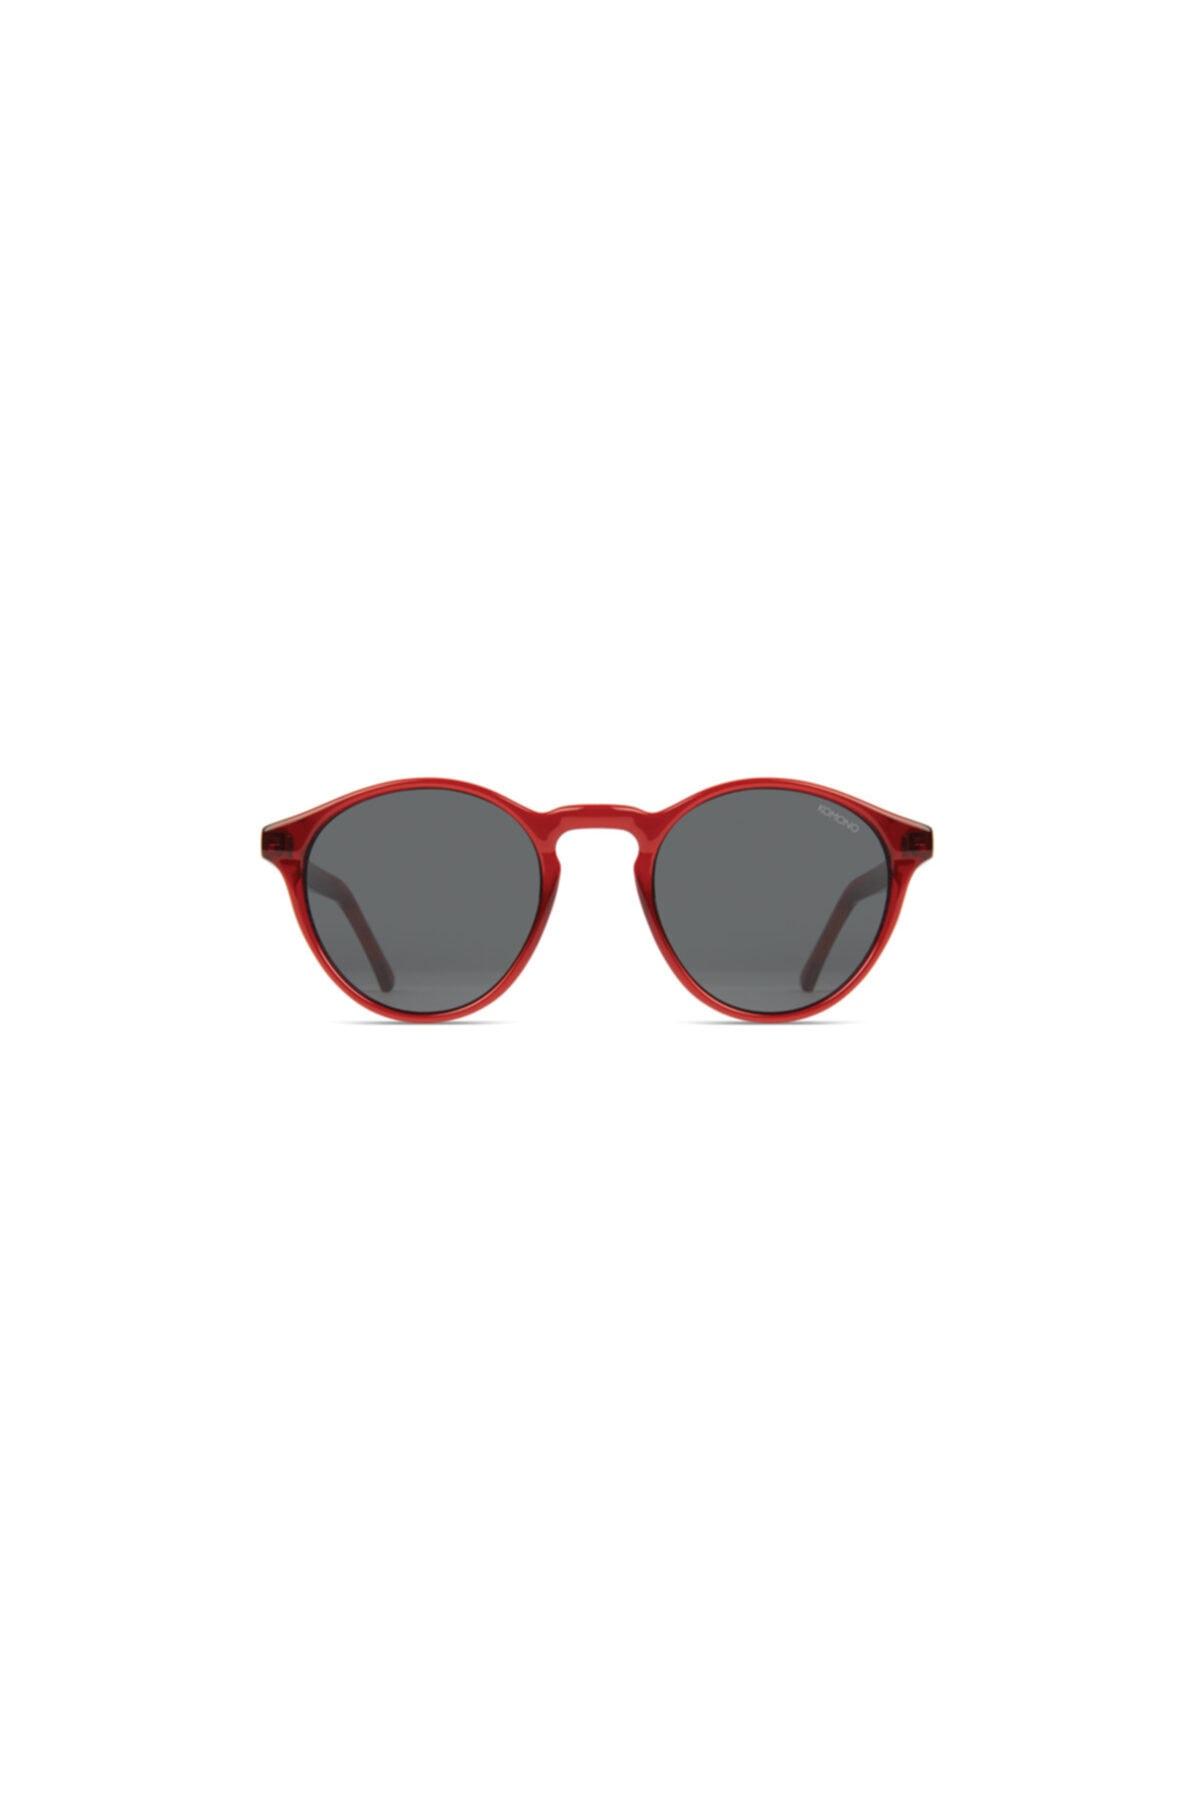 خرید انلاین عینک آفتابی طرح دار برند Komono رنگ قرمز ty93666360